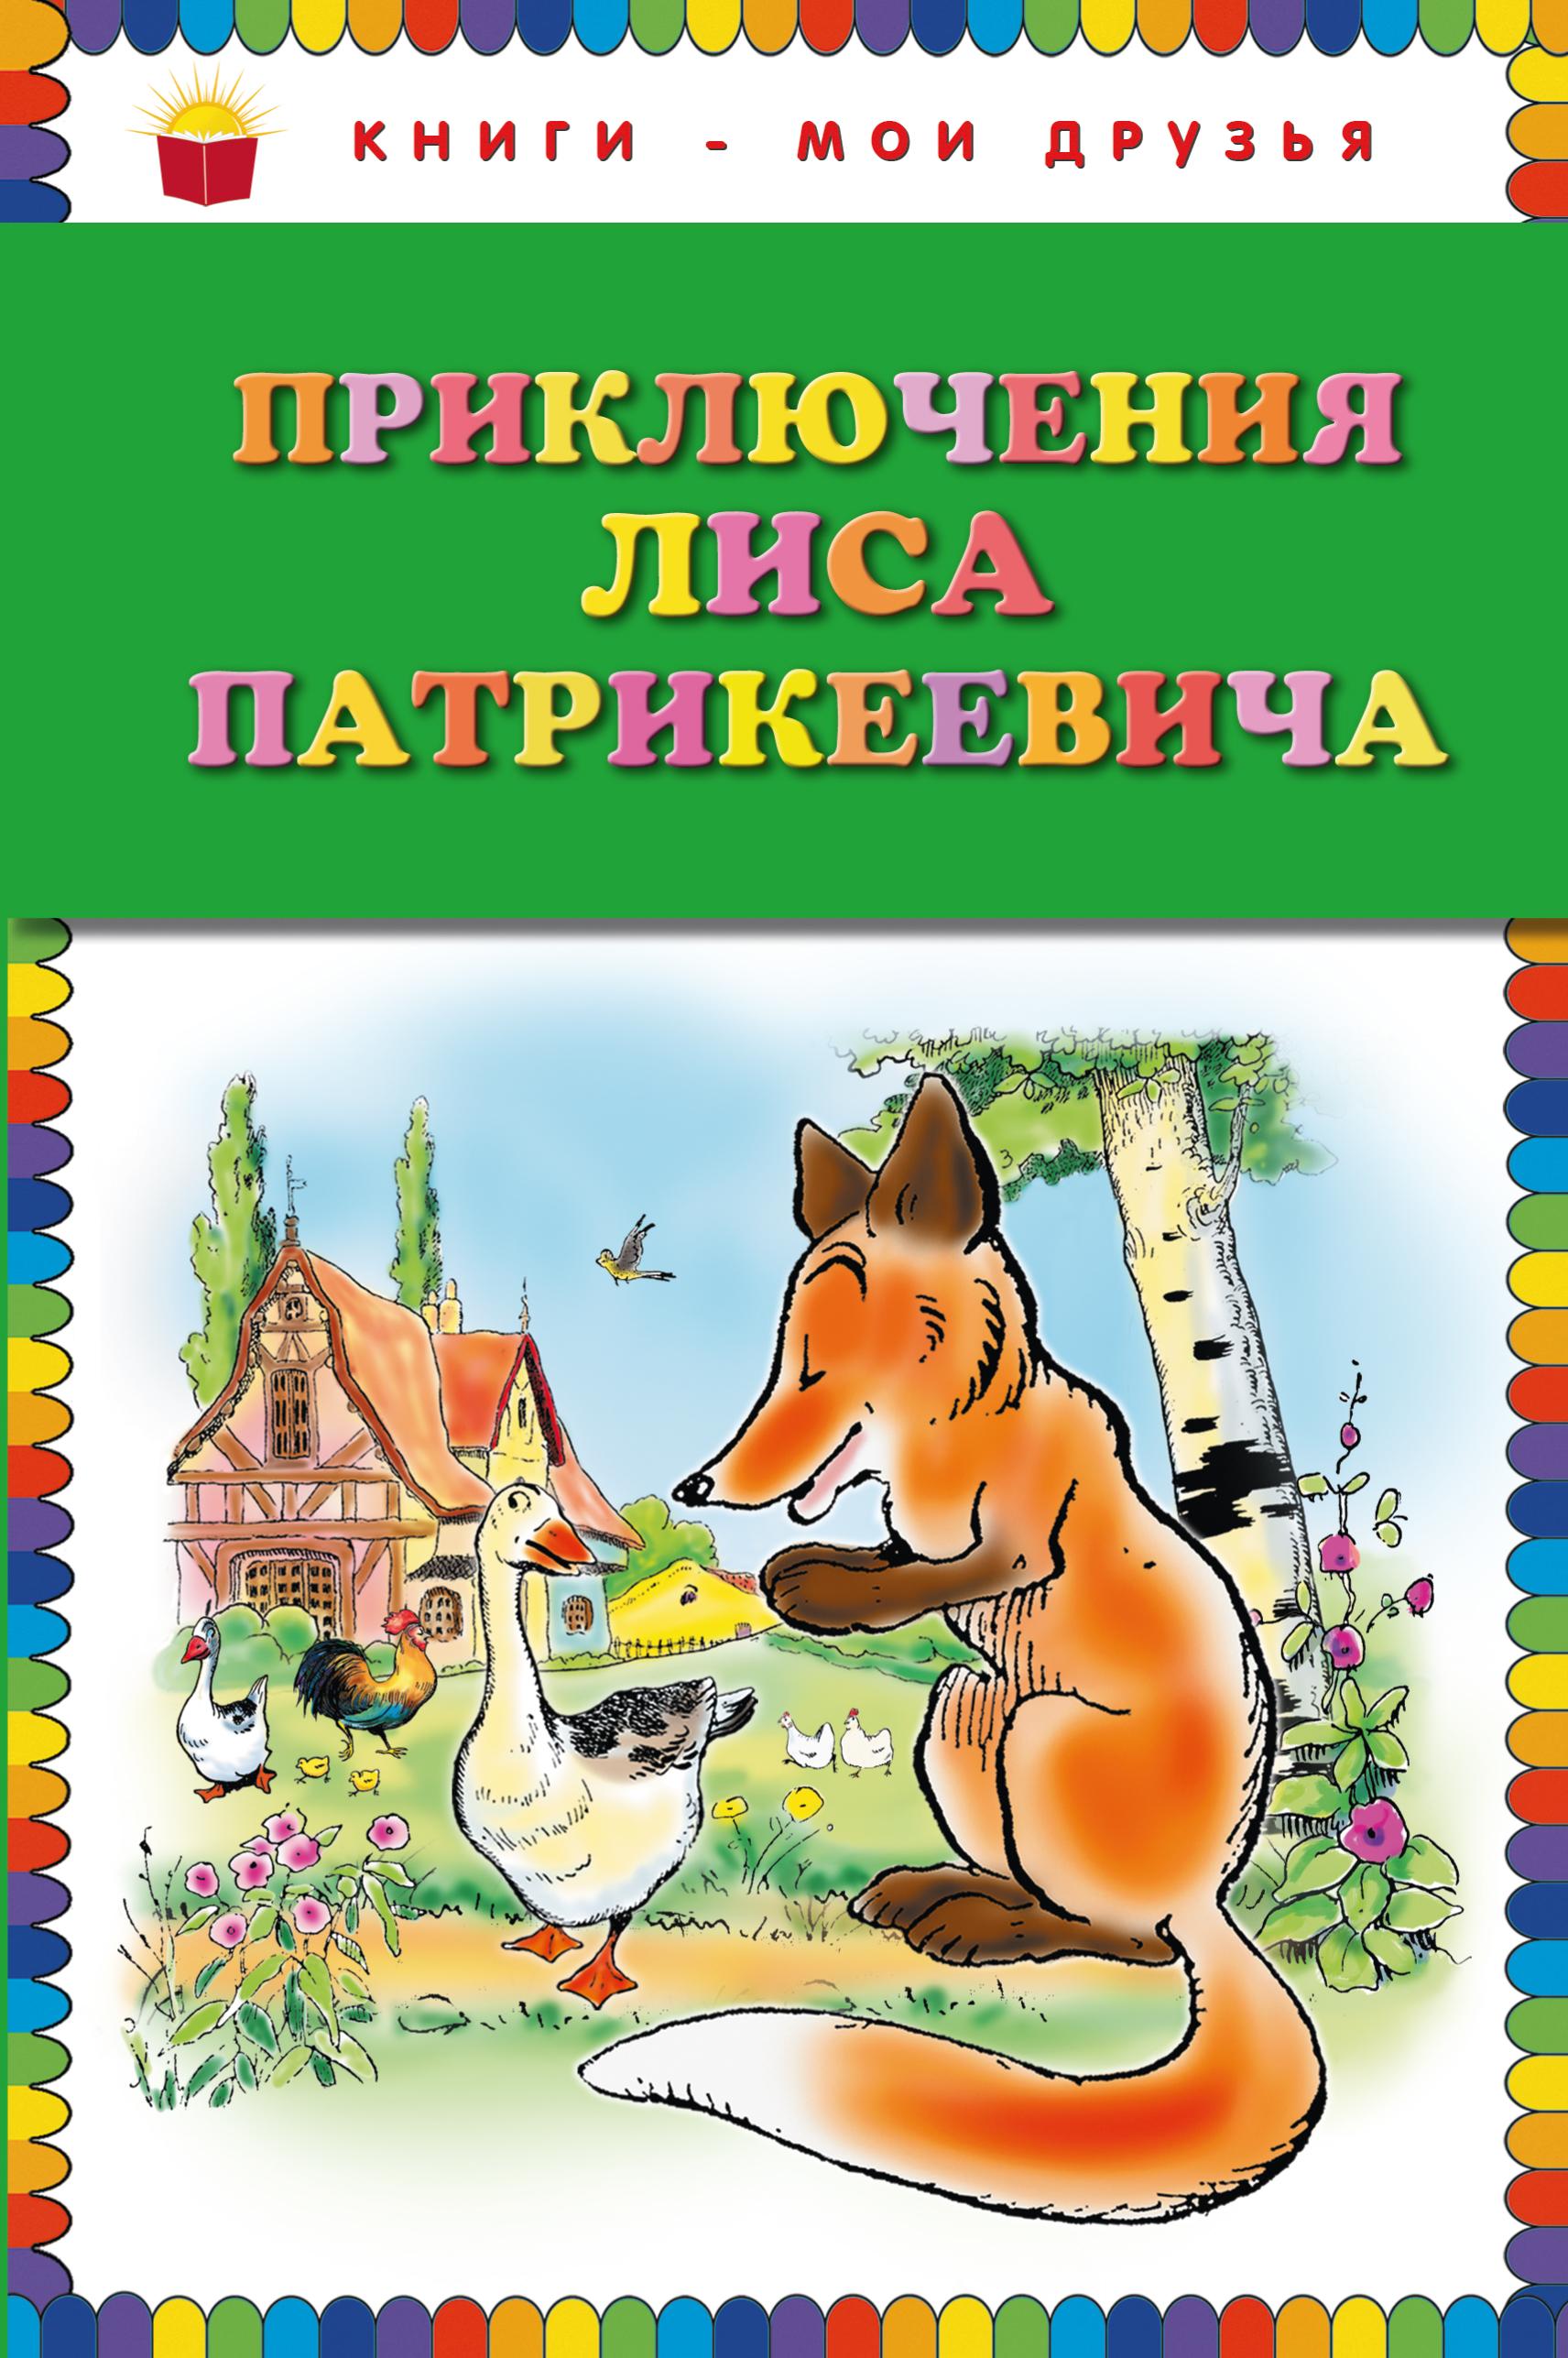 Приключения Лиса Патрикеевича (ил. Б. Рабье, С. Адалян)